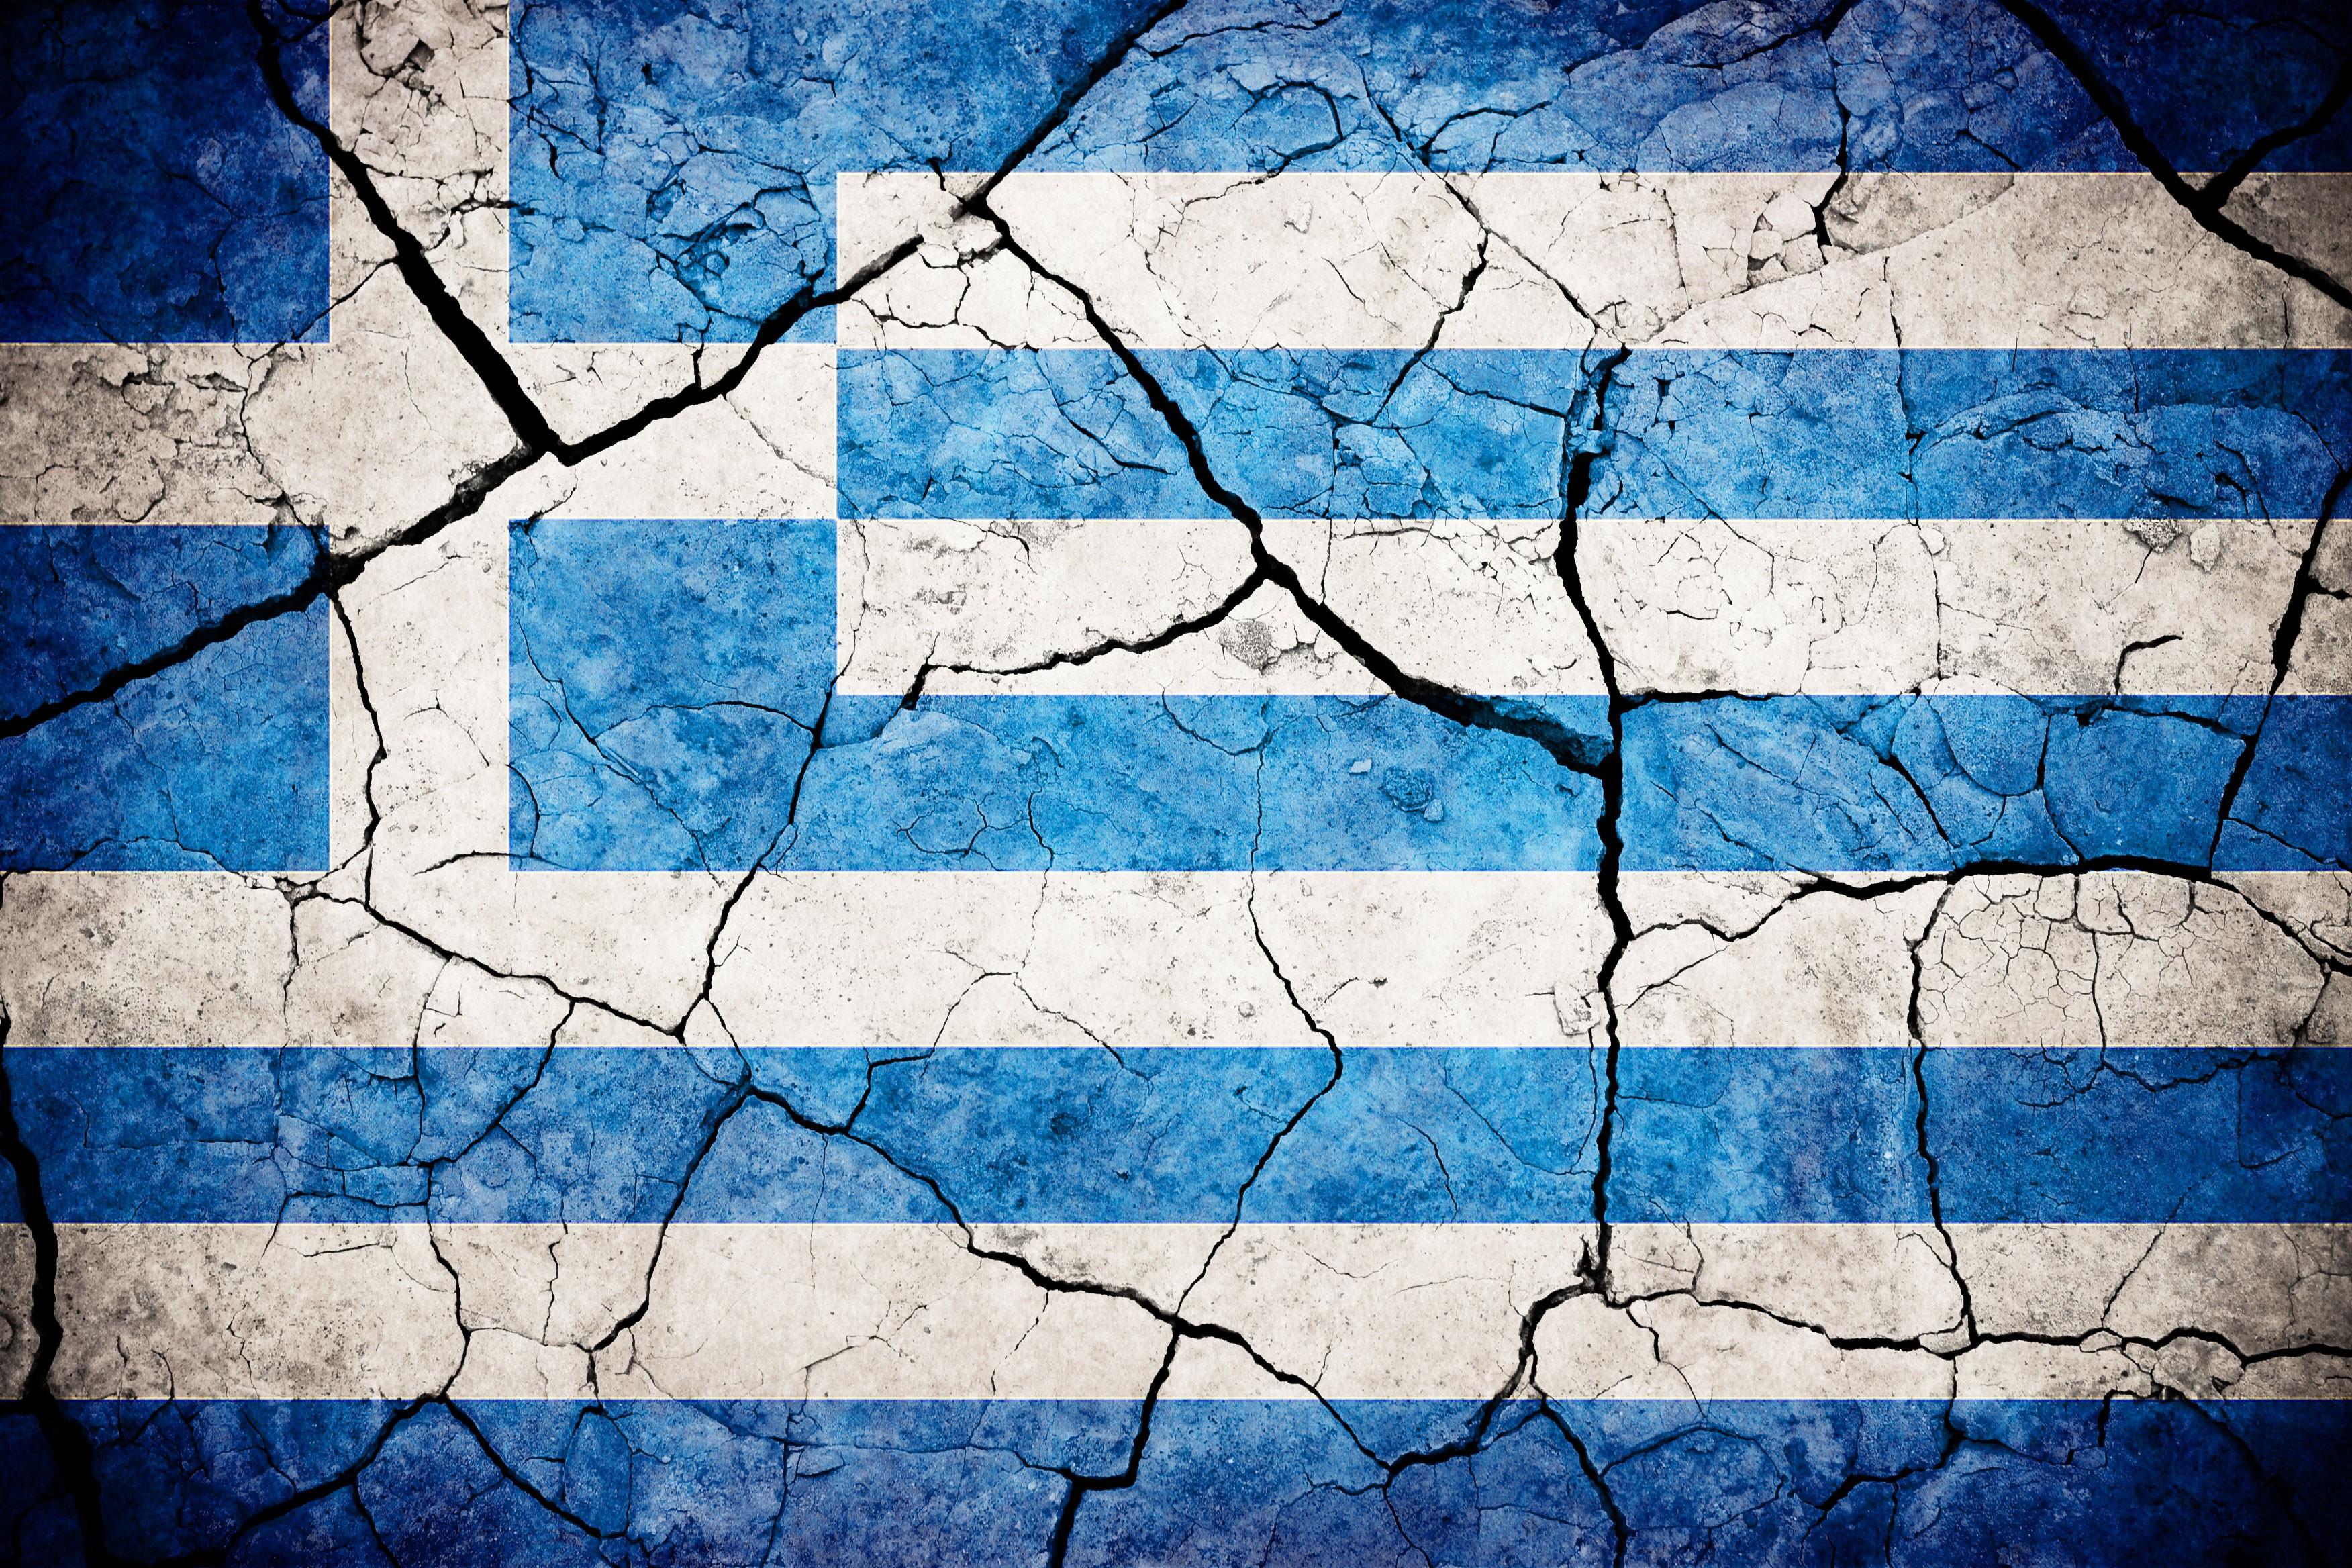 البيانات تؤكد استمرار الركود في اليونان